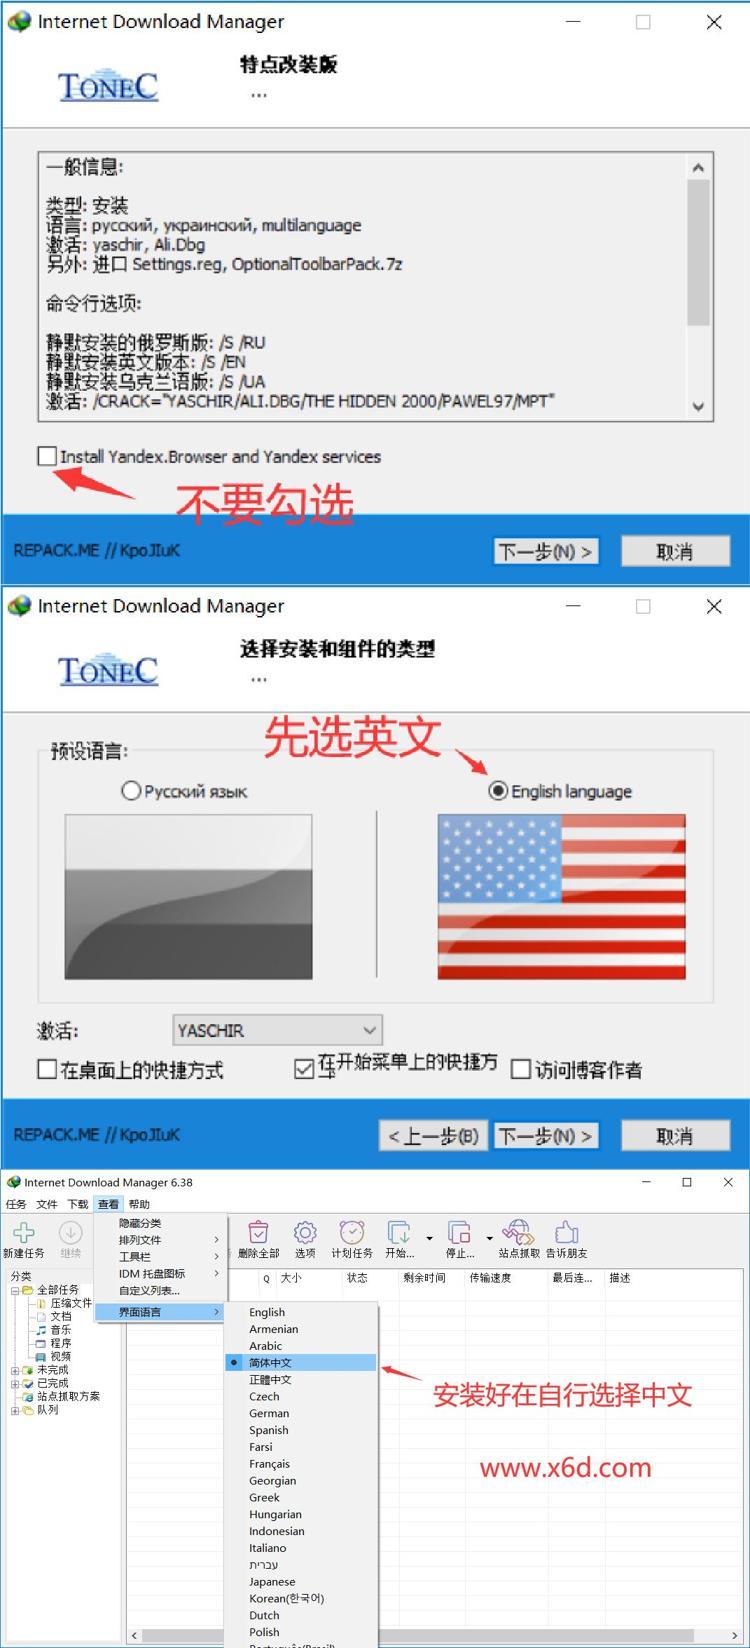 下载利器IDM 6.38.2安装版